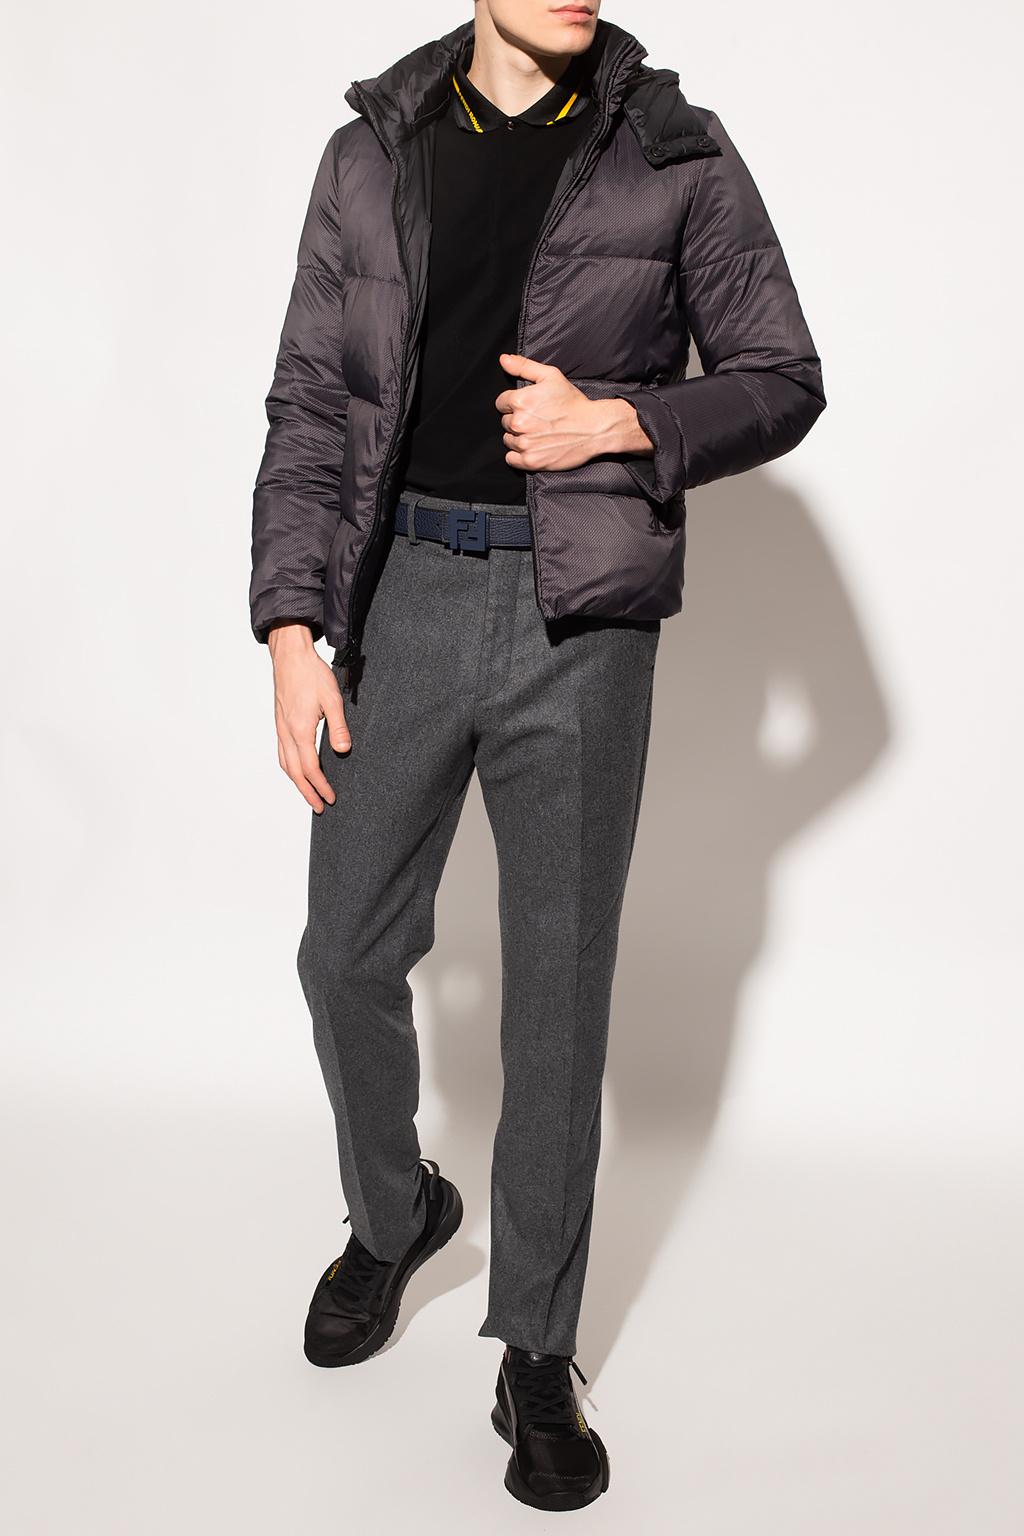 Fendi Wool pleat-front trousers